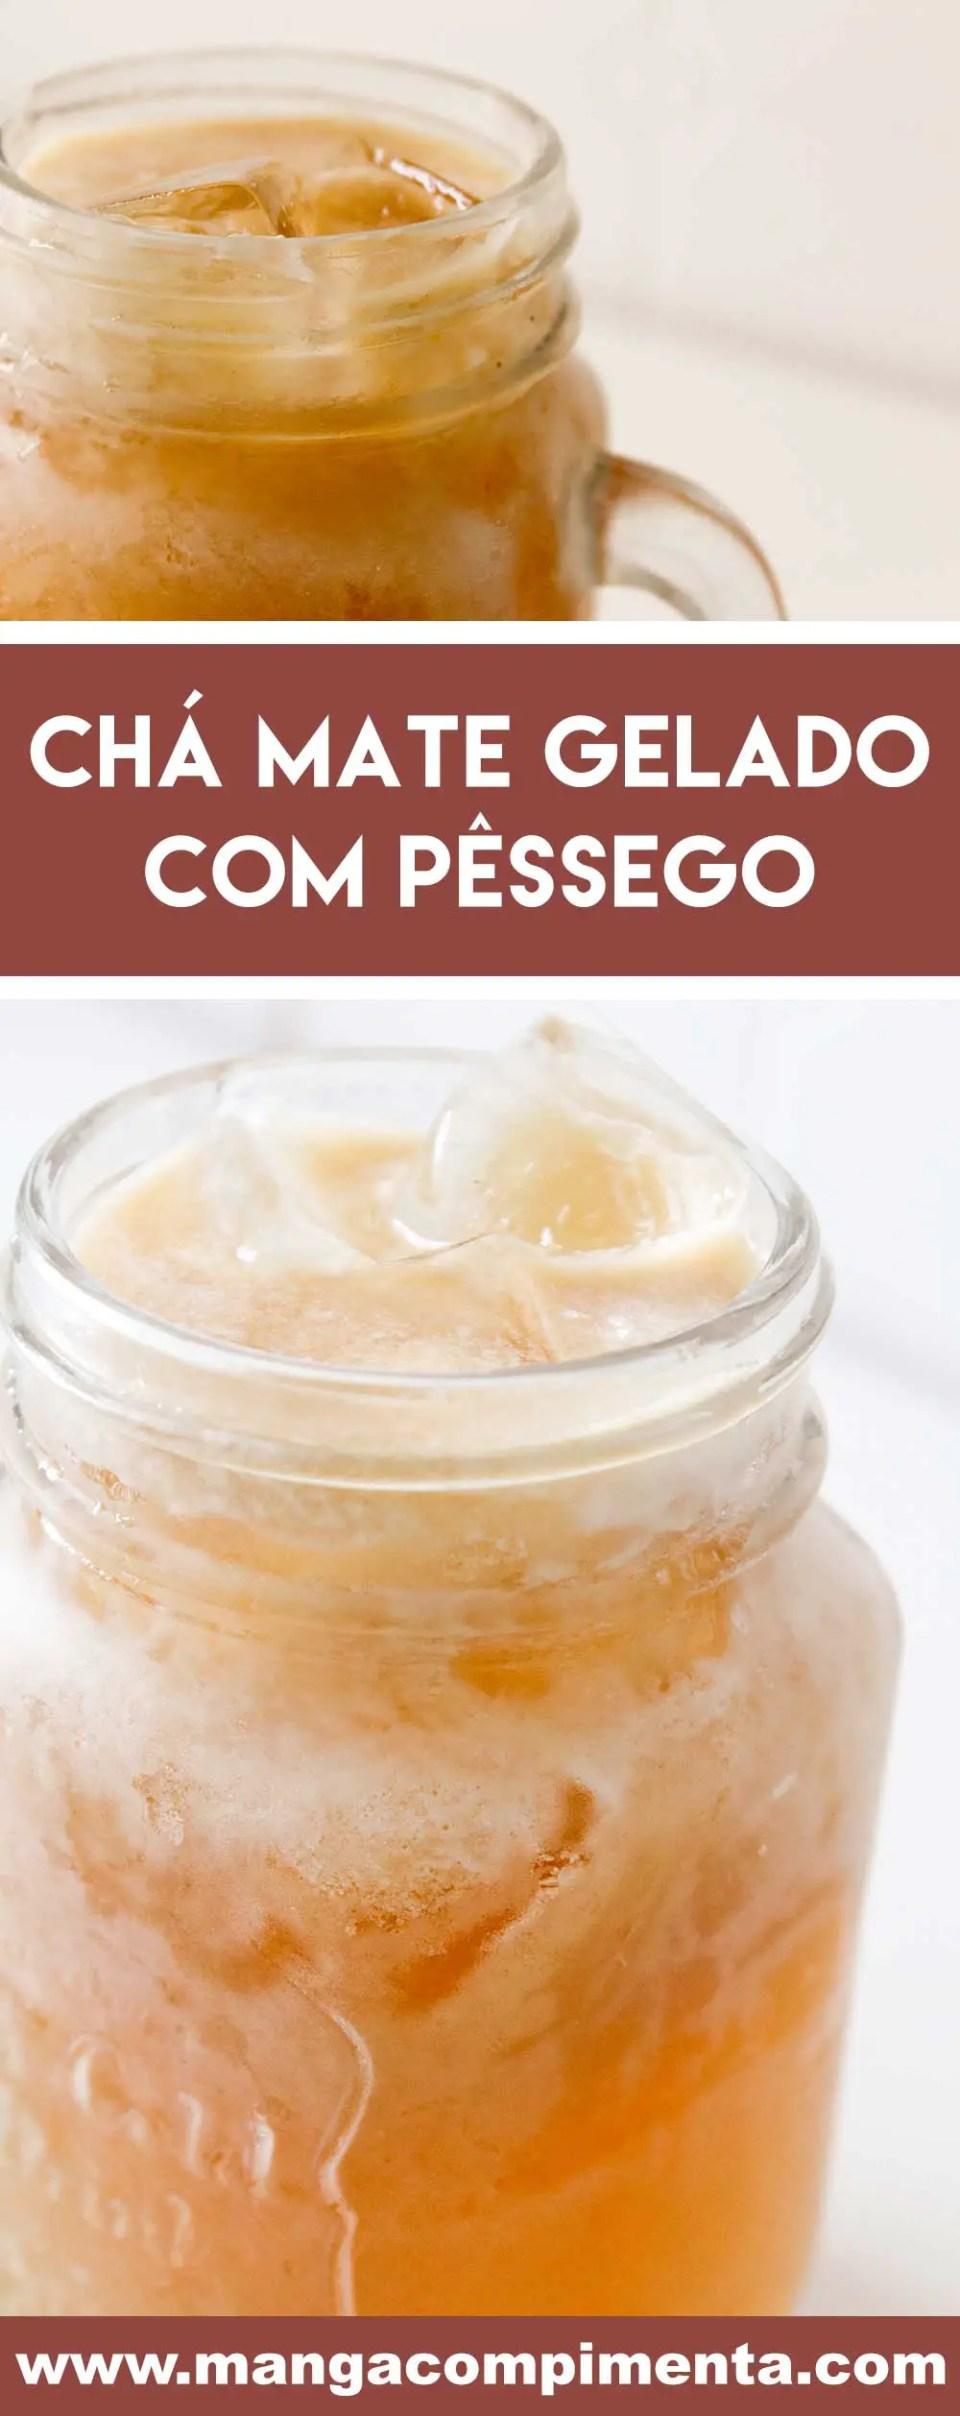 Receita de Chá Mate Gelado com Pêssego - uma bebida gostosa para curtir neste verão!